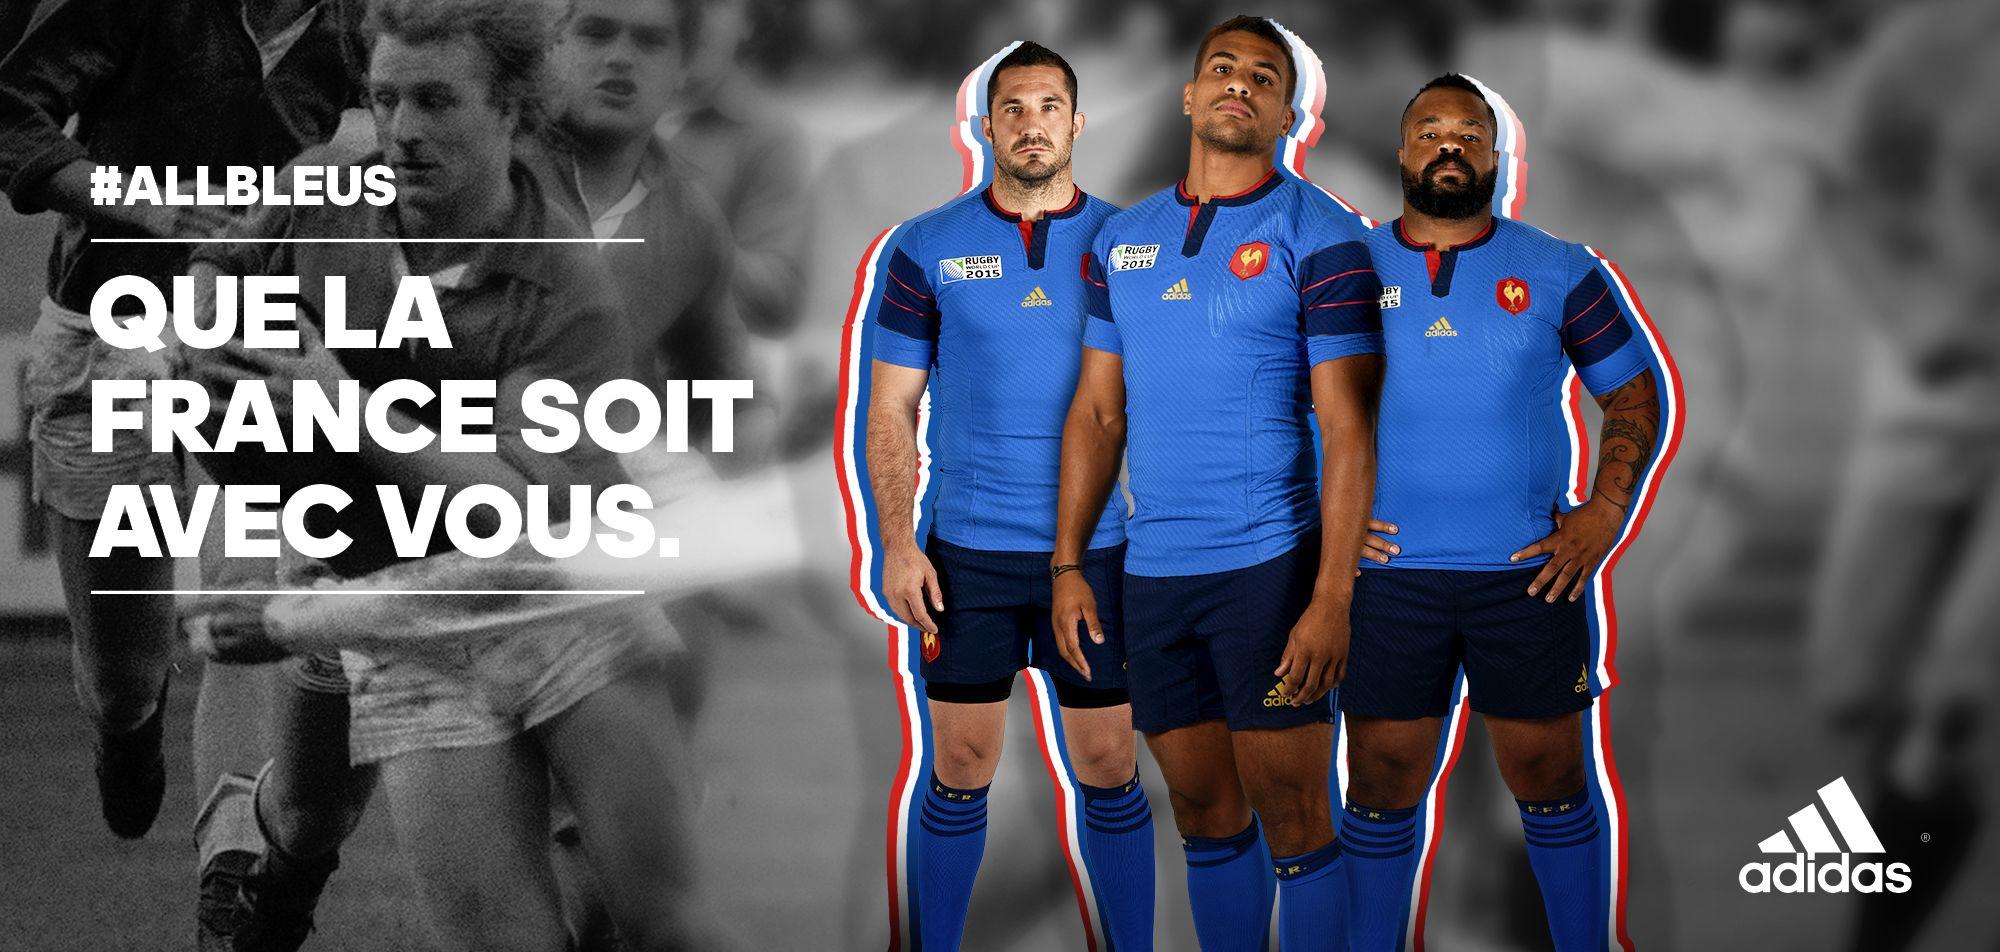 La tenue du xv de france pour le mondial - Resultats coupe du monde de rugby 2015 ...